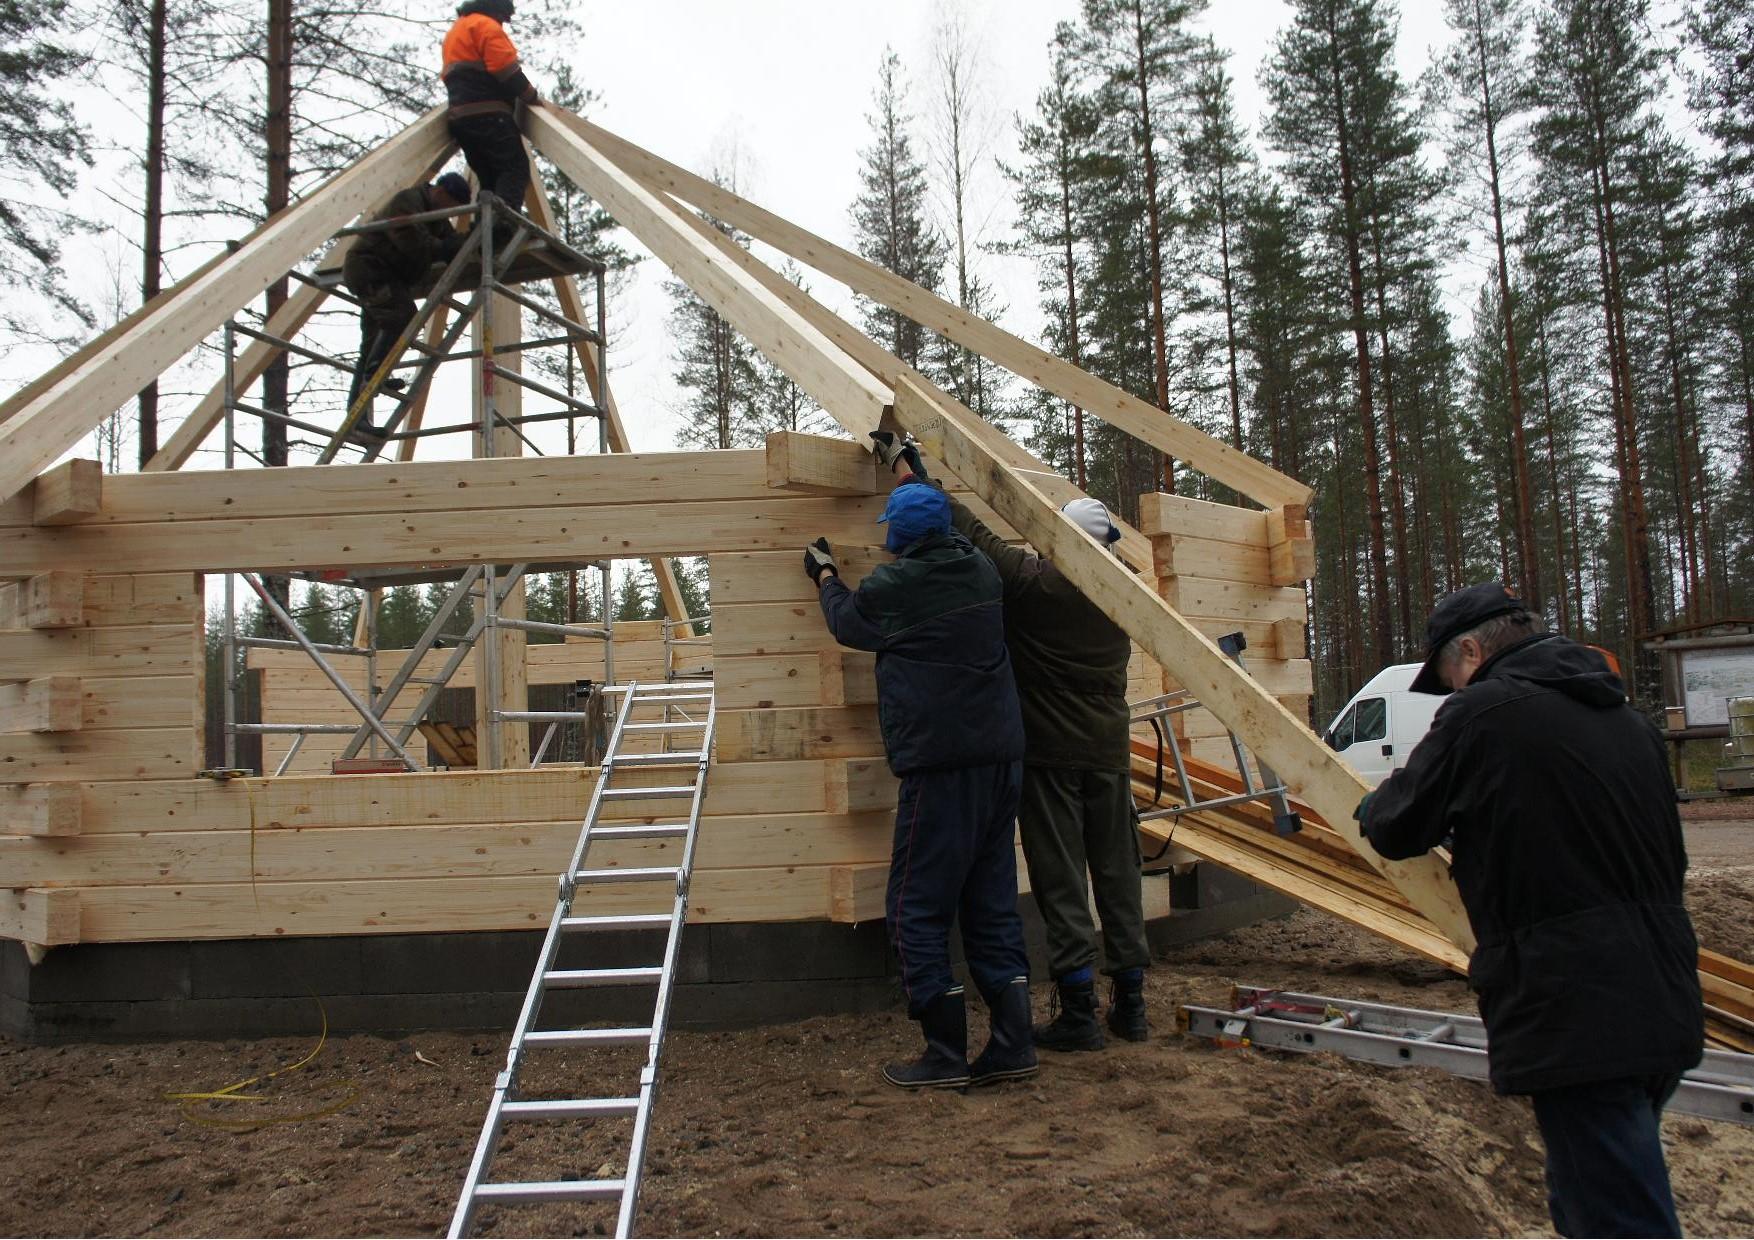 Viimeinen kattotuoli nousee paikoilleen ja kota on harjassa. Matti Kilpeläinen ja Tuomo Martikainen telineillä ja alhaalla Hannu Huuskonen, Tauno Oksanen ja Sulo Eskelinen.